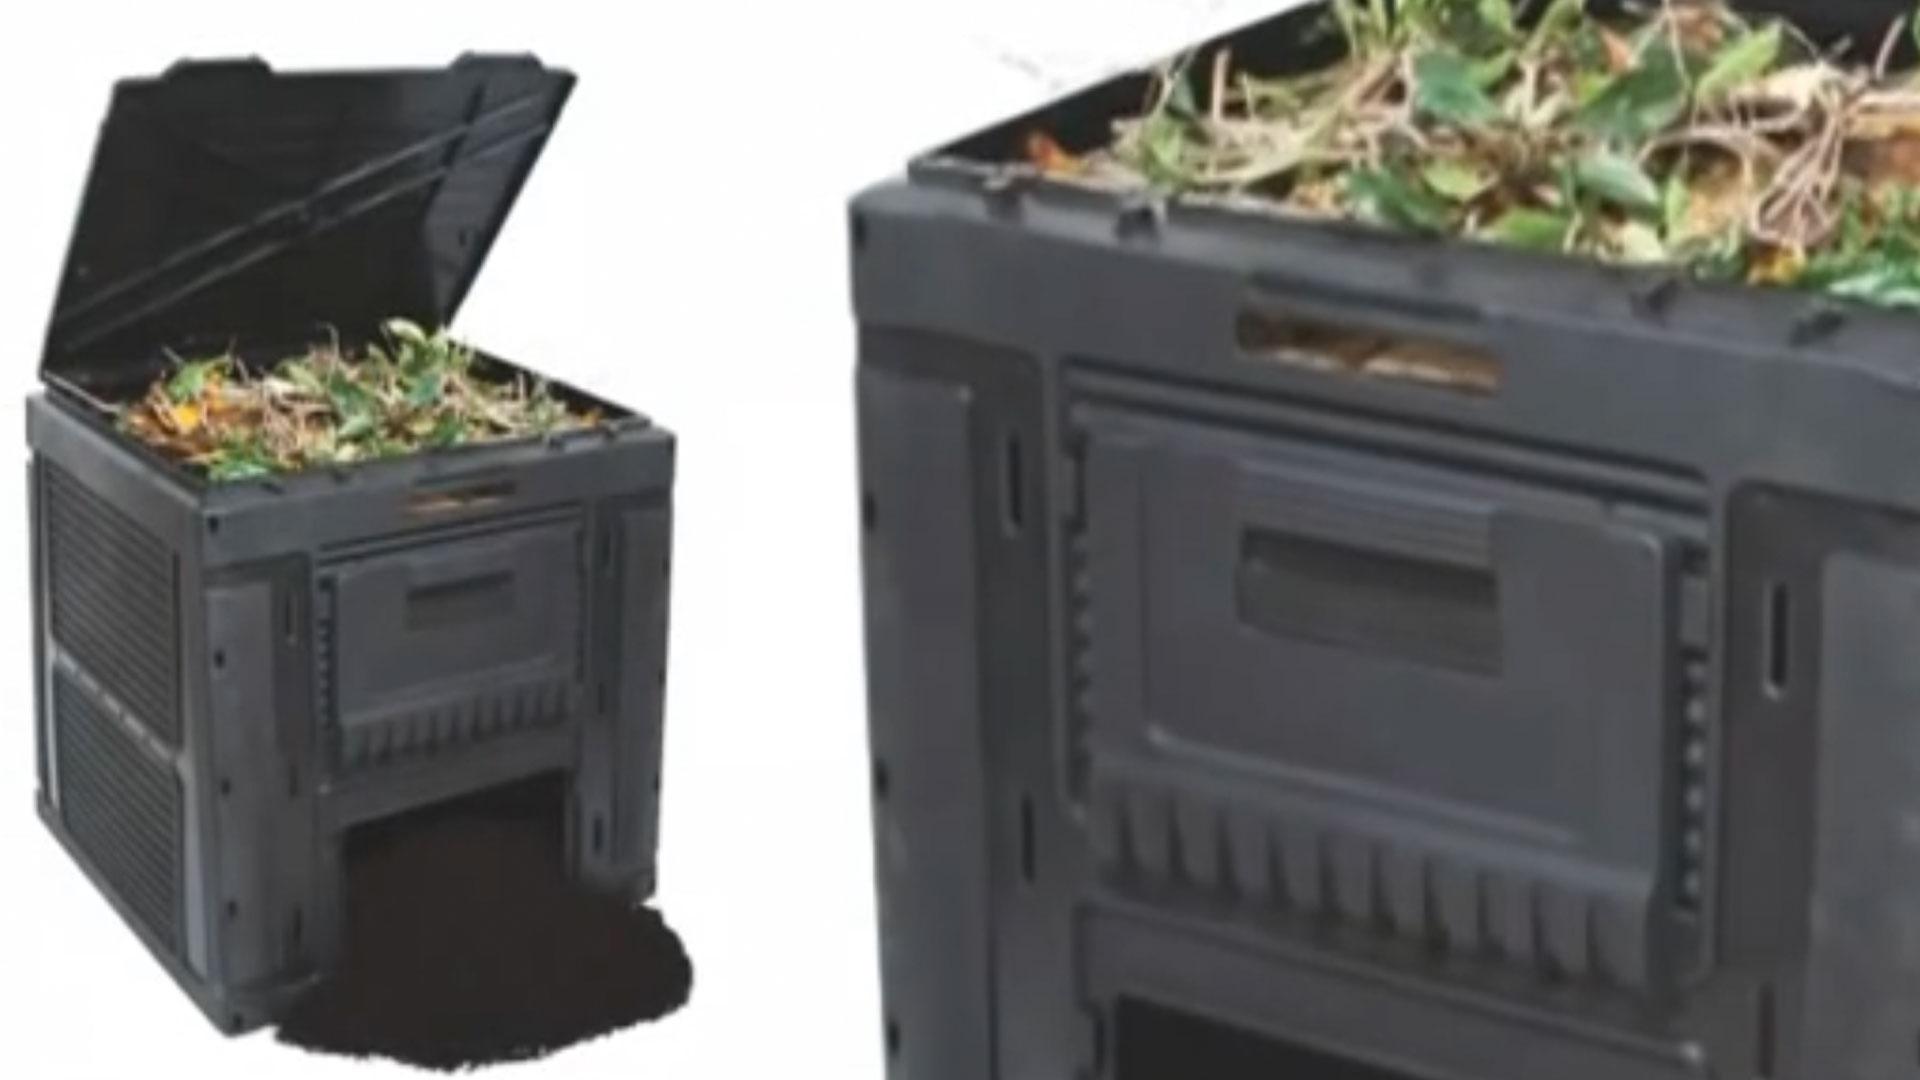 Los desechos orgánicos de la cocina y el jardín los podemos reutilizar en la preparación de compost, una tierra rica en materia orgánica que se puede aprovechar en el cuidado del jardín. Se obtiene por descomposición, proceso donde influye oxígeno, humedad y temperatura.